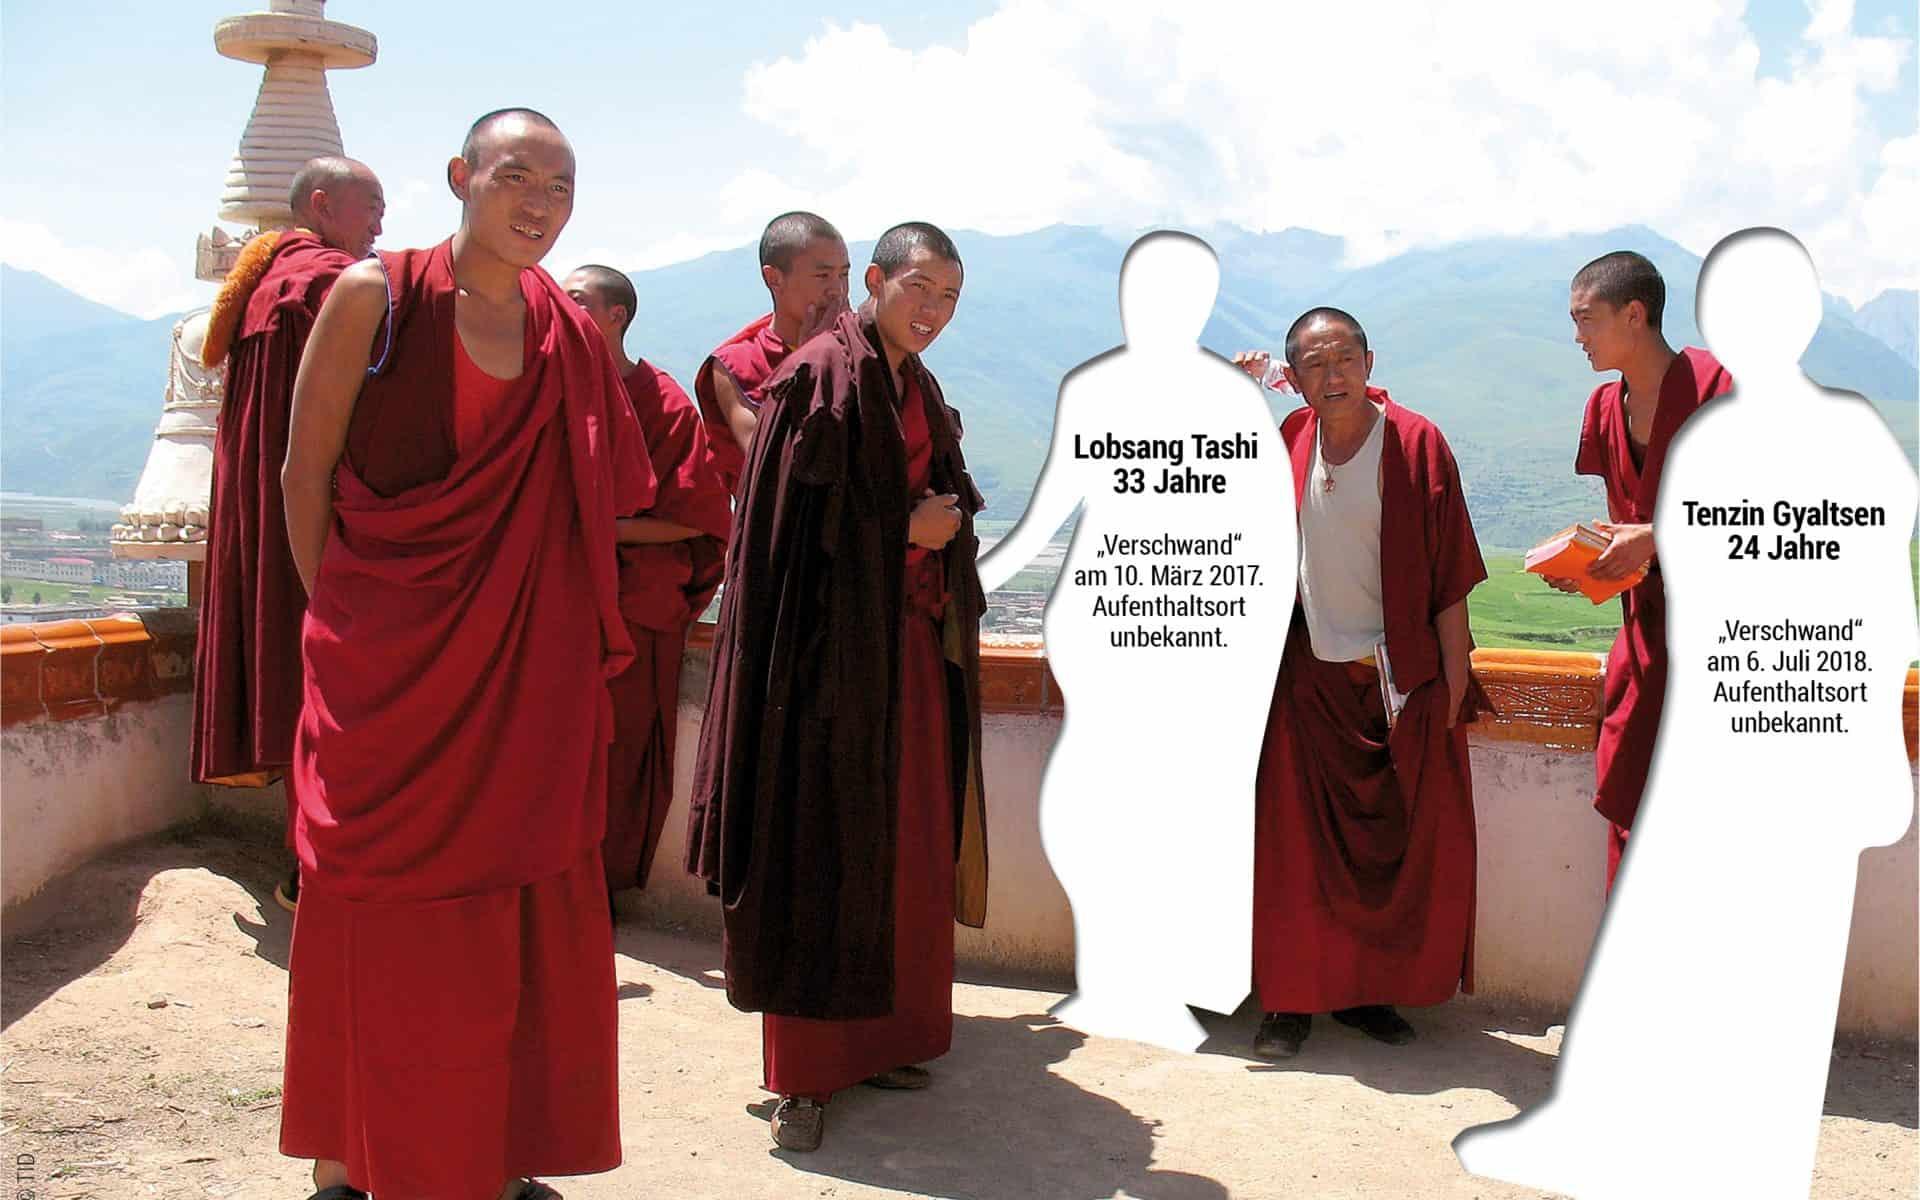 Tibetische Mönche mit ausgeschnittenen Personen, die mit den Namen der Vermissten beschriftet sind.